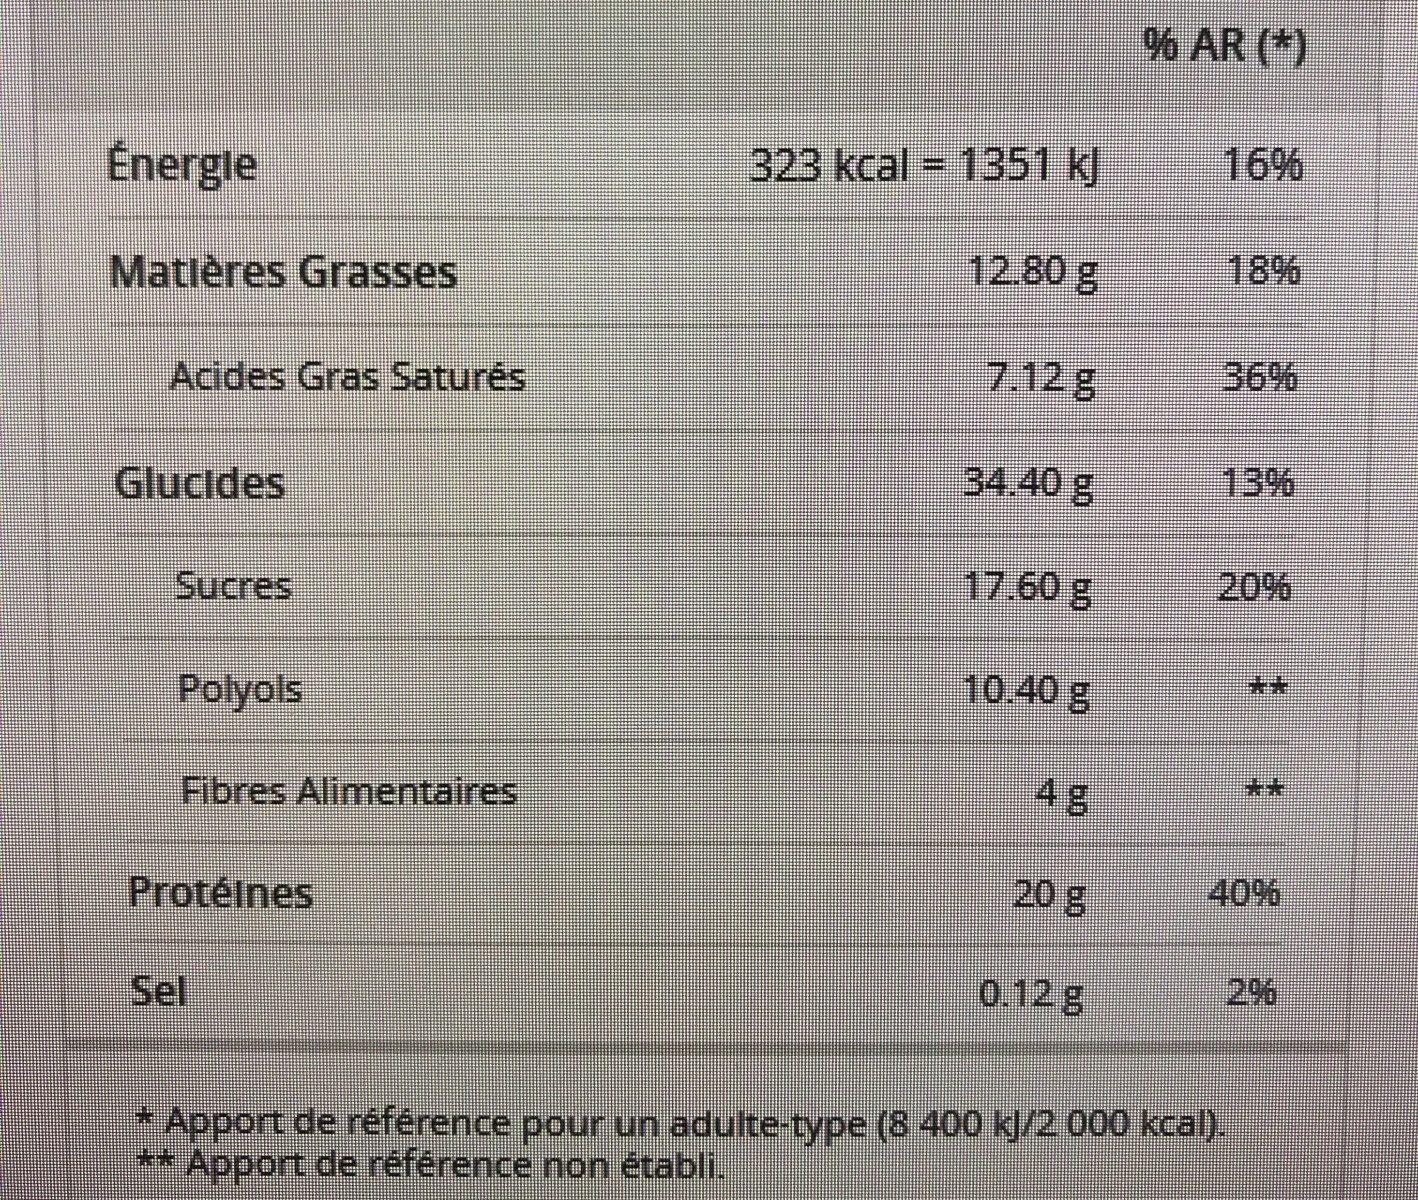 Protein Gourmet Bar - Información nutricional